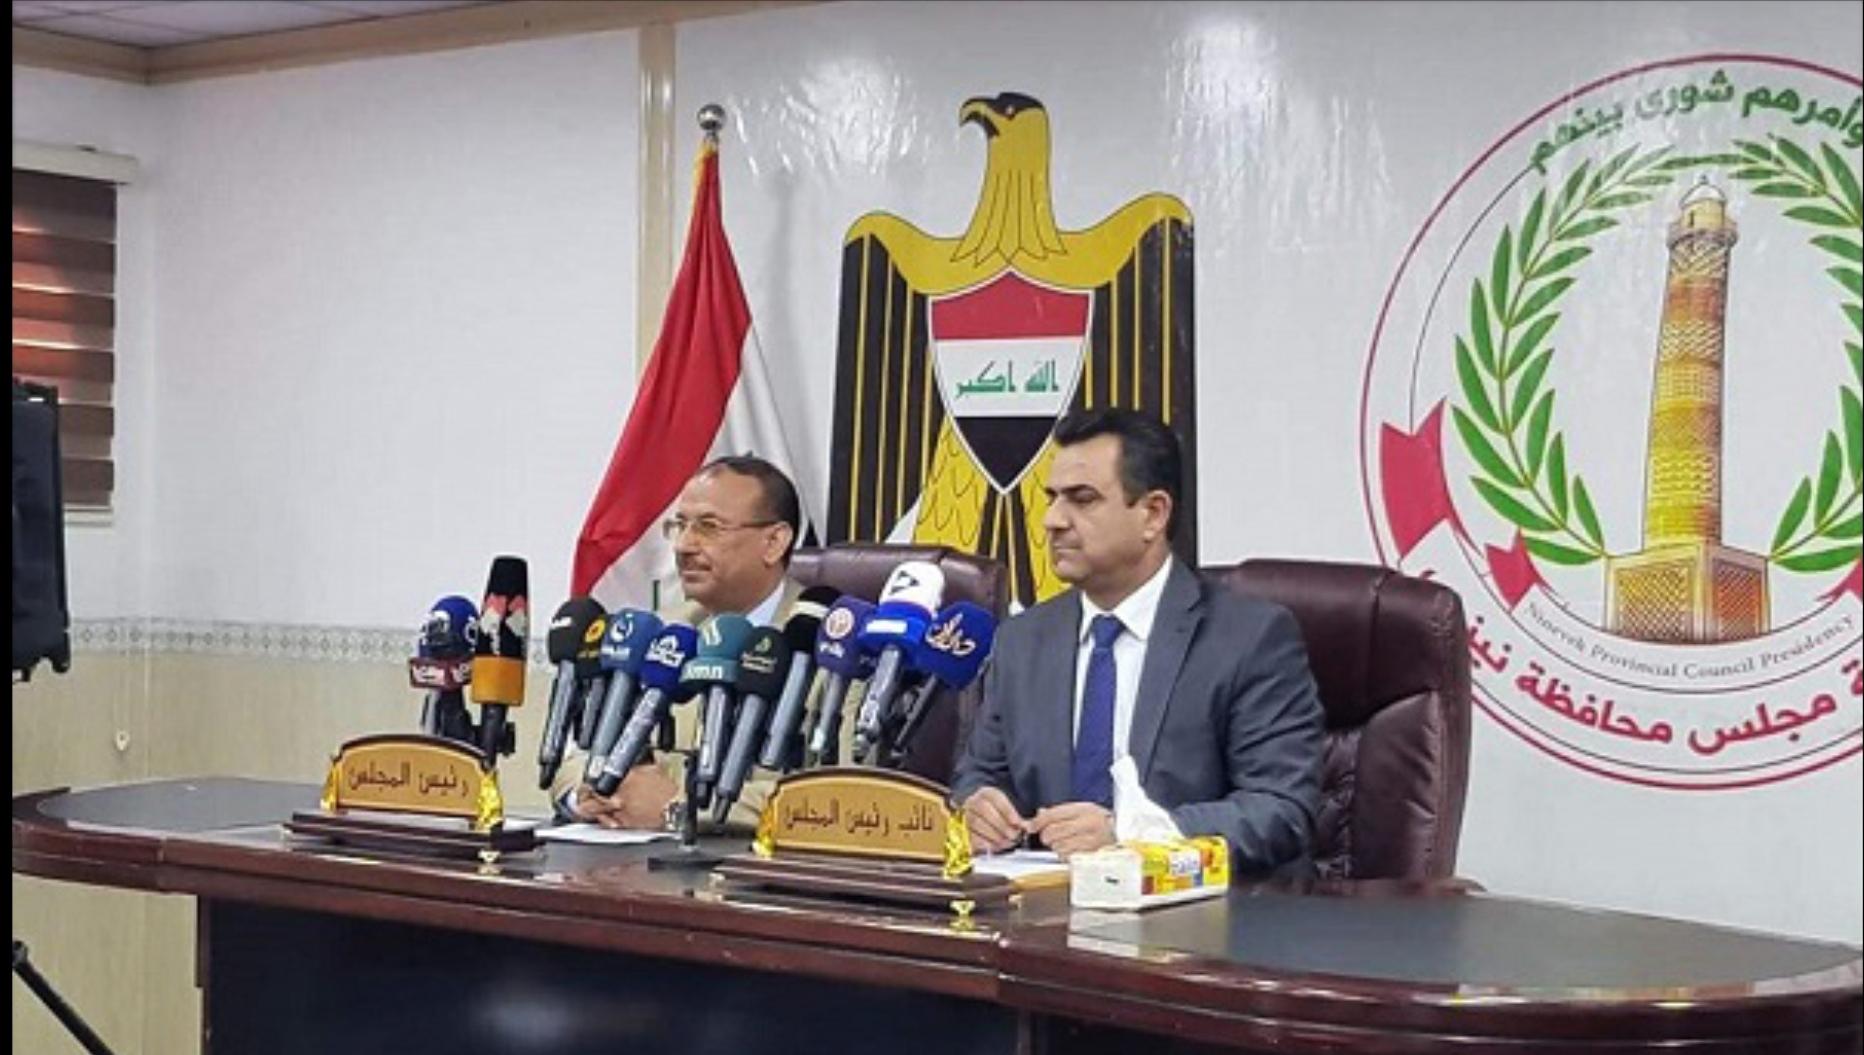 صورة مجلس نينوى يصوت على الغاء نقطة گمرگية